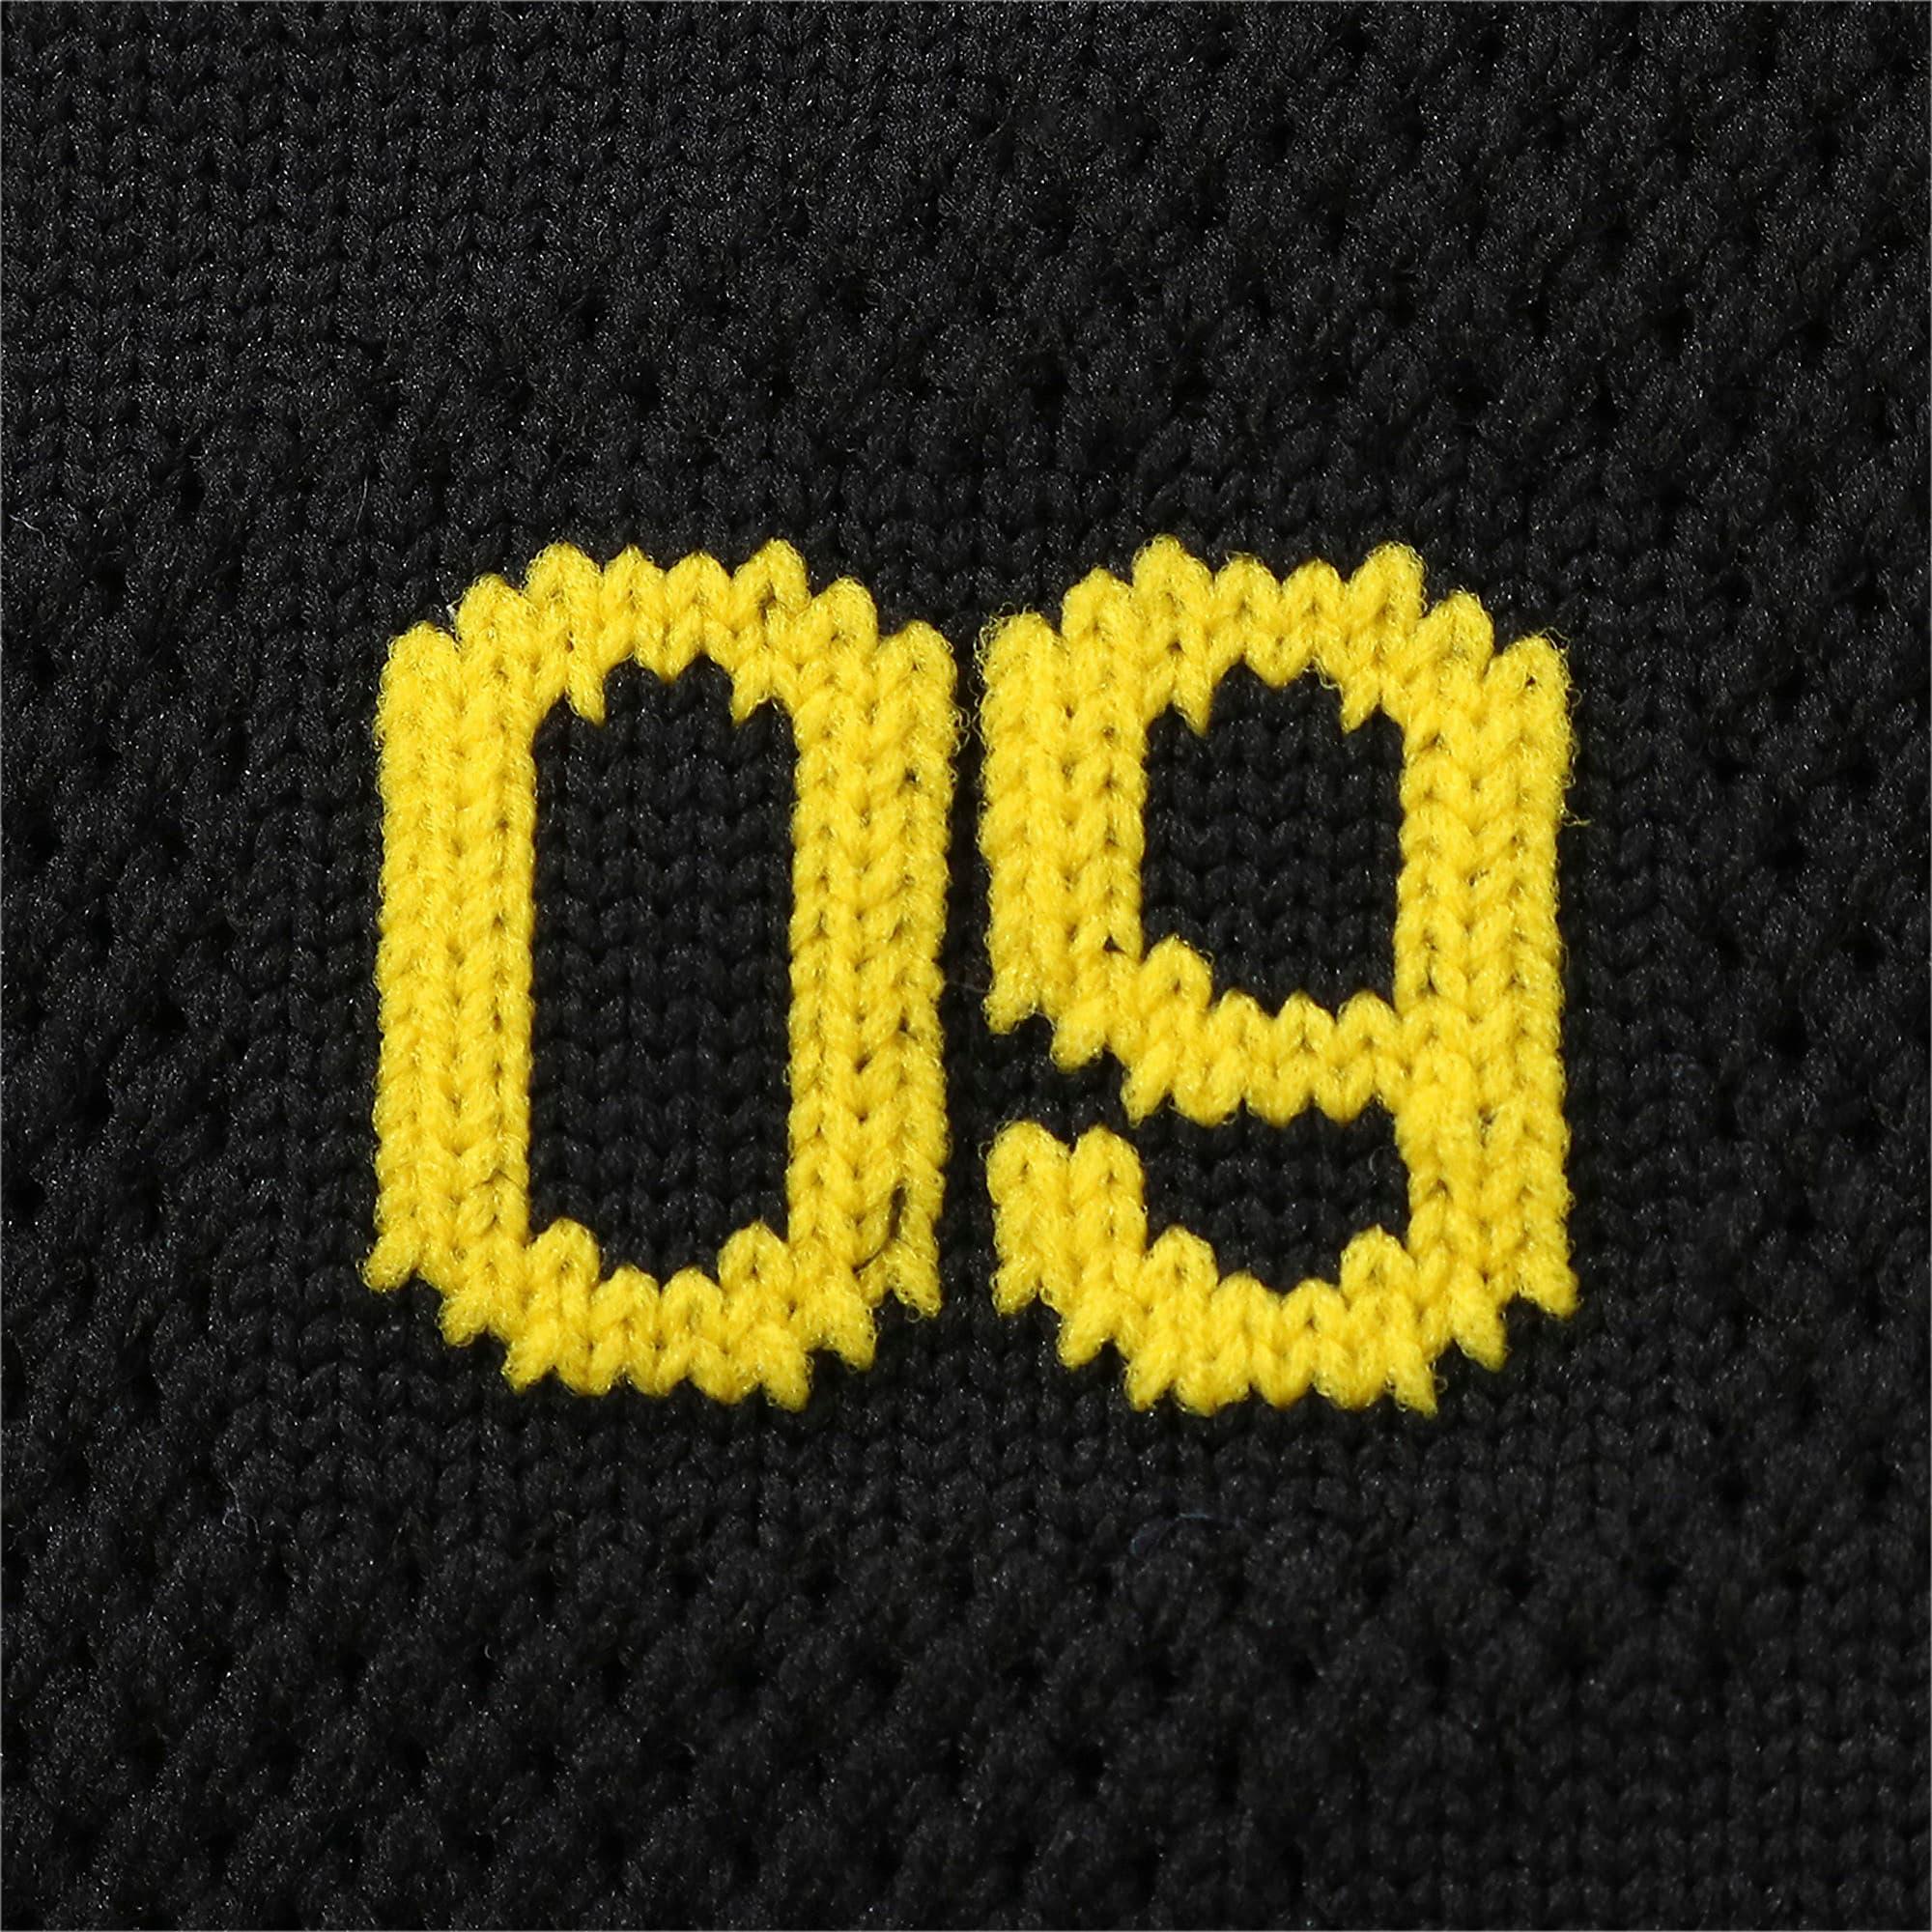 Thumbnail 7 of ドルトムント BVB スパイラル ストッキング, Puma Black-Cyber Yellow, medium-JPN